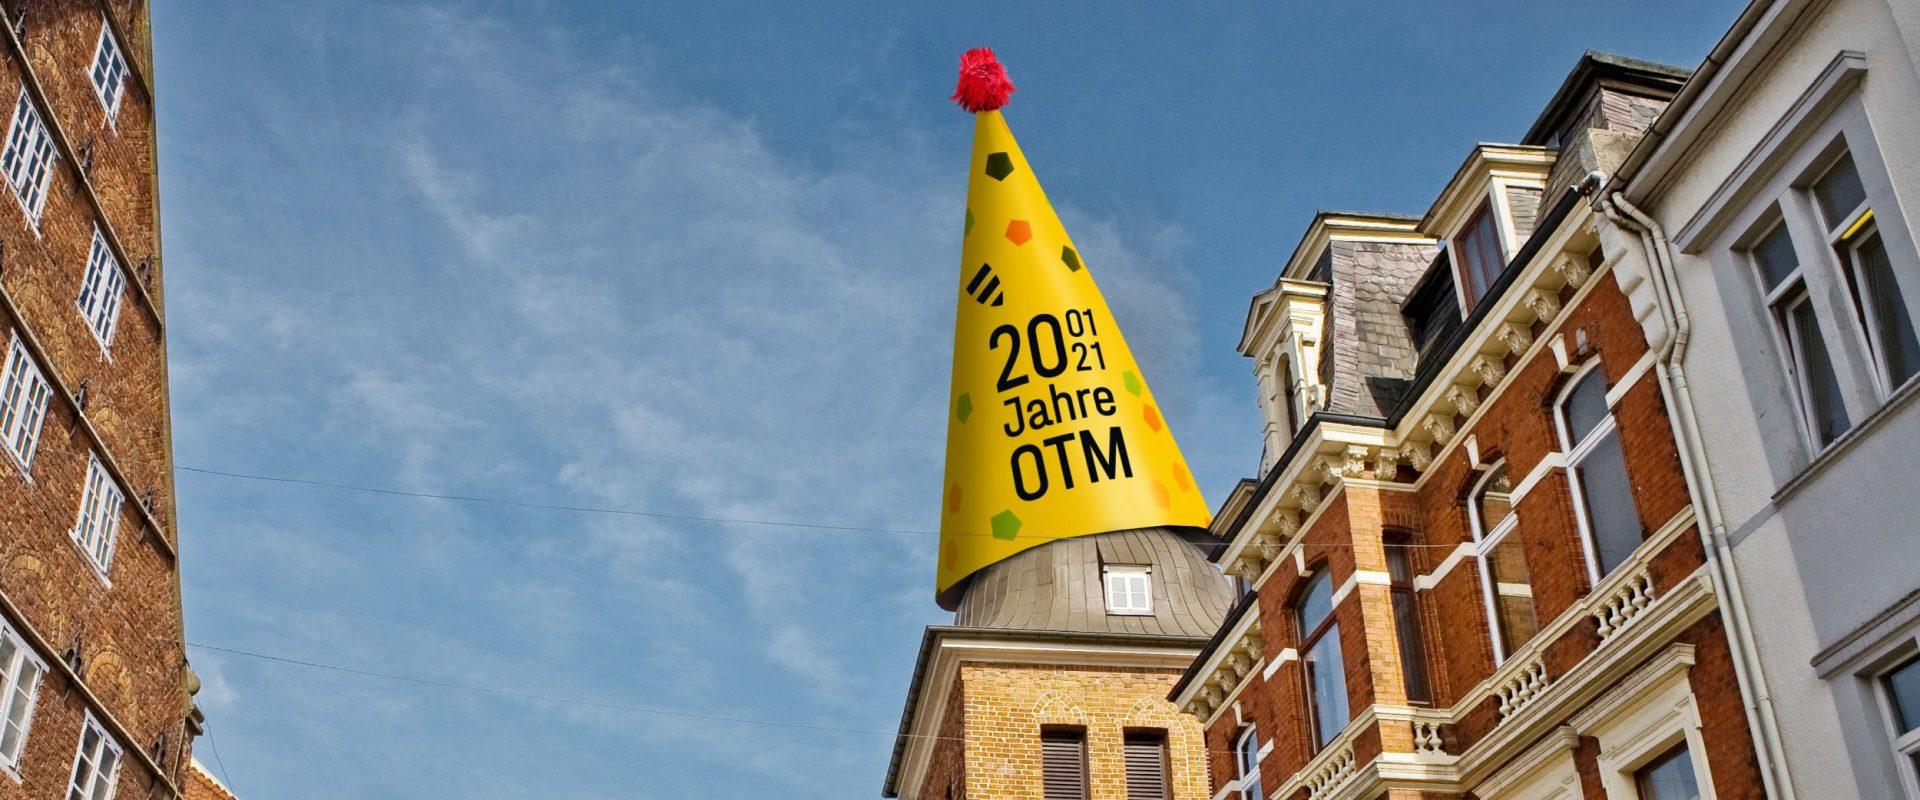 2021 feiert die Oldenburg Tourismus und Marketing GmbH (OTM) ihr 20-jähriges Firmenjubiläum. Mittlerweile hat die OTM ihre Geschäftsräumen mit der Touristinfo im Wahrzeichen Oldenburg, im Lappan, untergebracht.  Diese Bildmontage zeigt den Lappan mit Geburtstagshut.